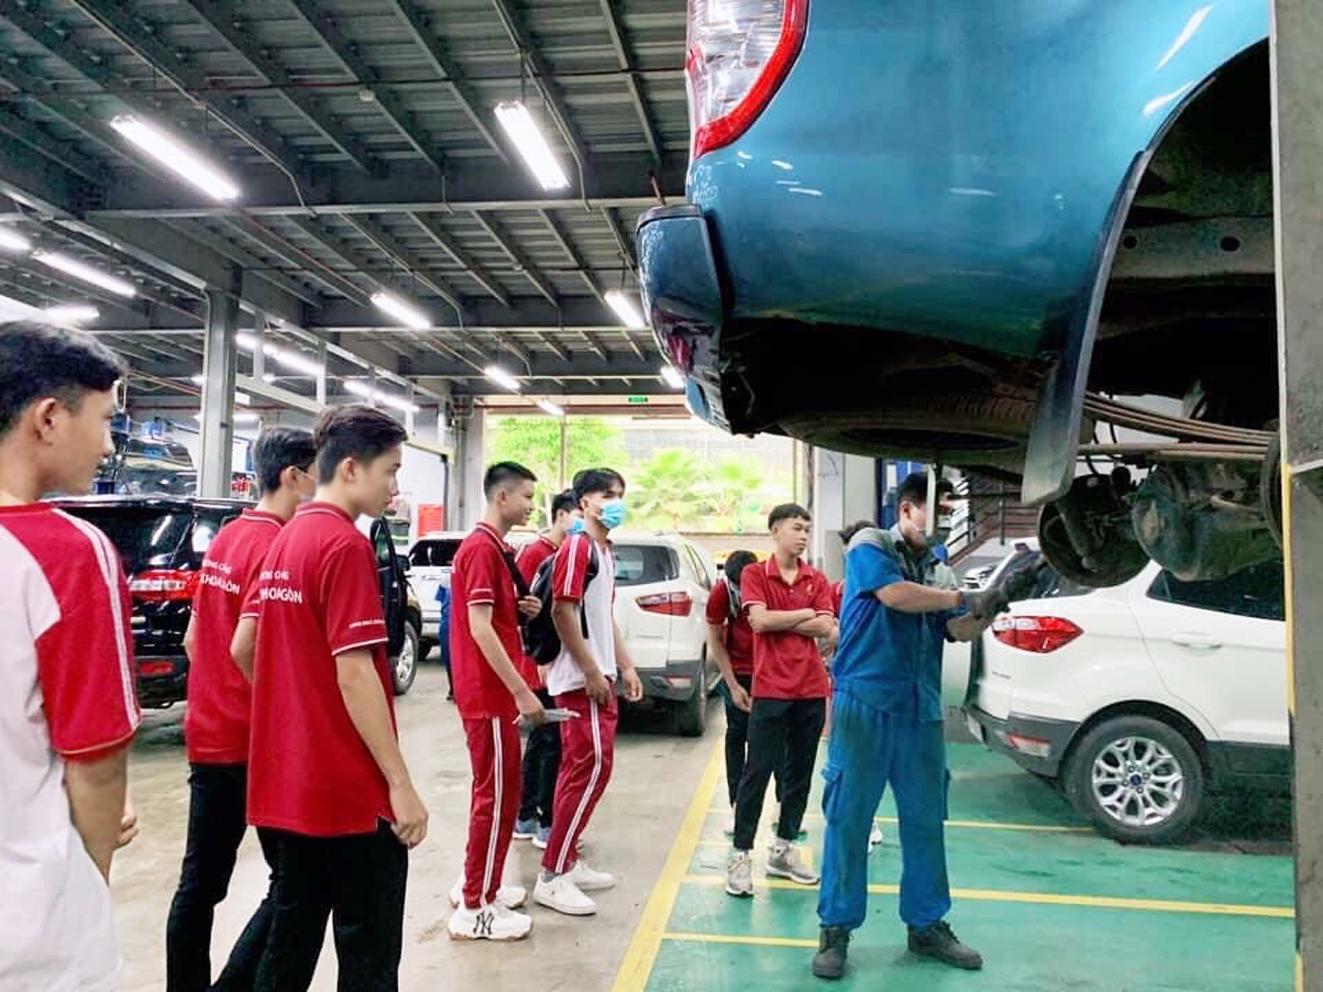 Sinh viên Trường cao đẳng Bách Khoa Sài Gòn trong giờ học thực hành trong thời điểm chưa xảy ra dịch COVID-19 - ẢNH: THANH THANH